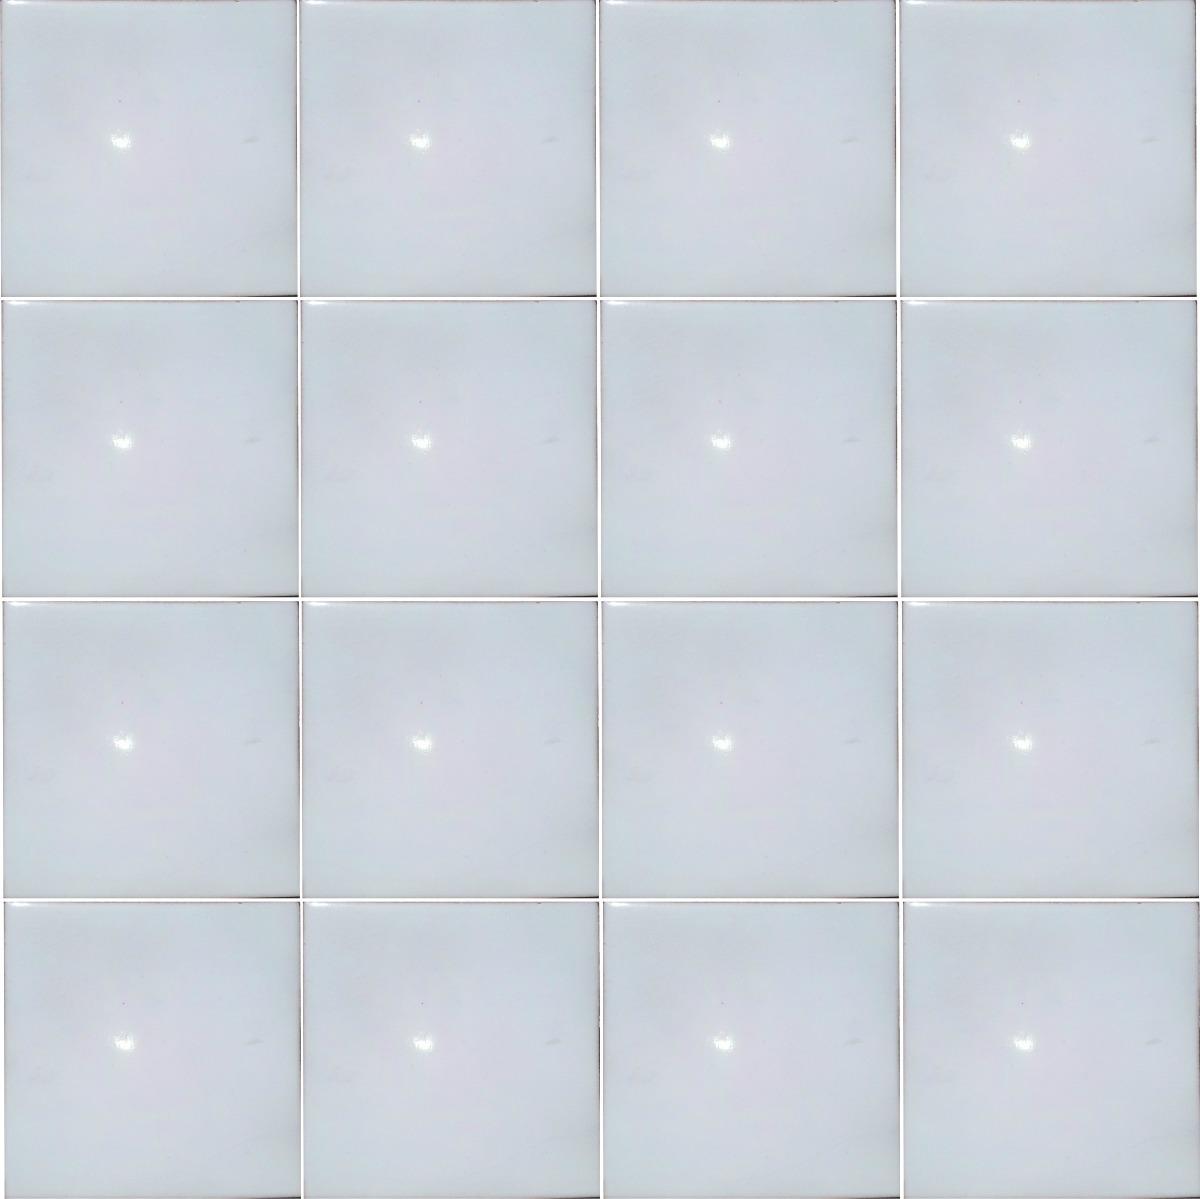 Azulejo talavera blancos en mercado libre for Muestras de azulejos